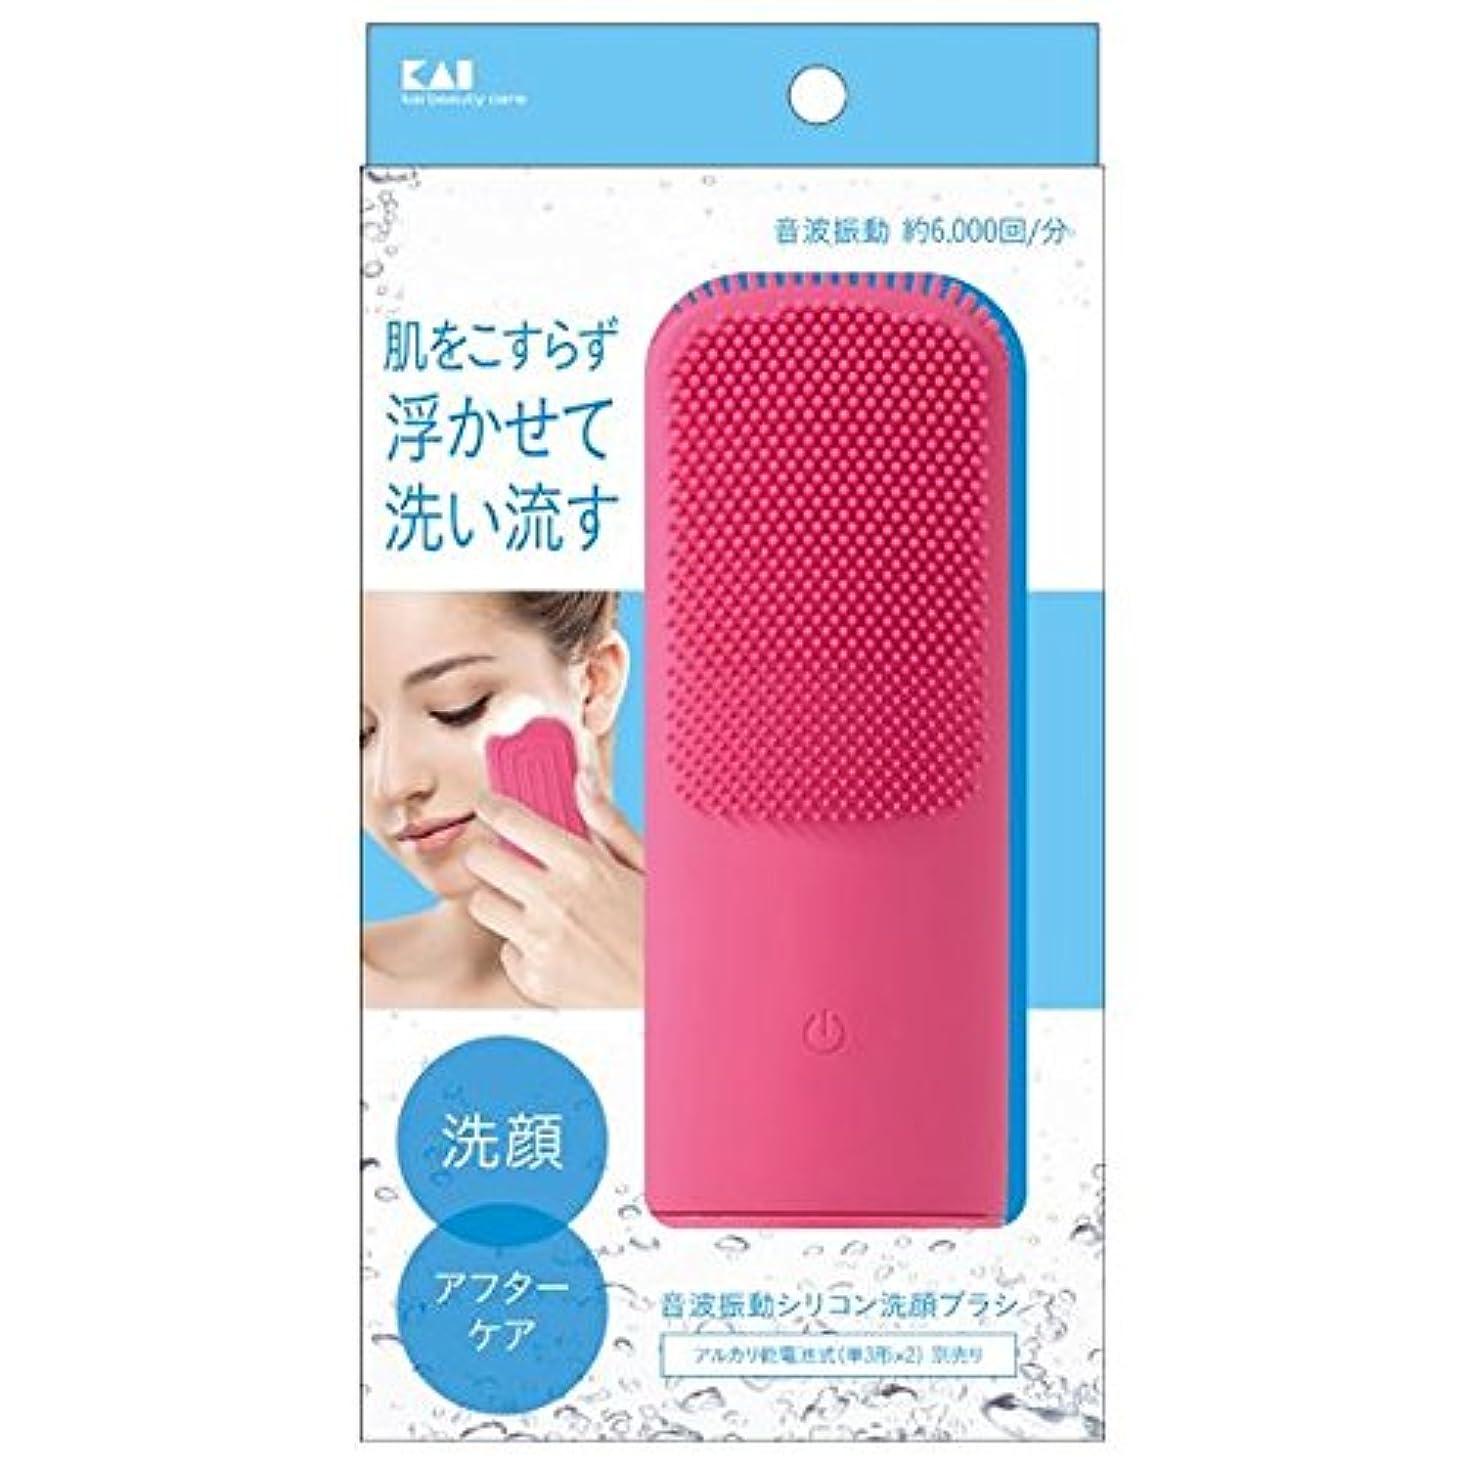 外交官踏み台によってKQ3225 音波振動 シリコン洗顔ブラシ